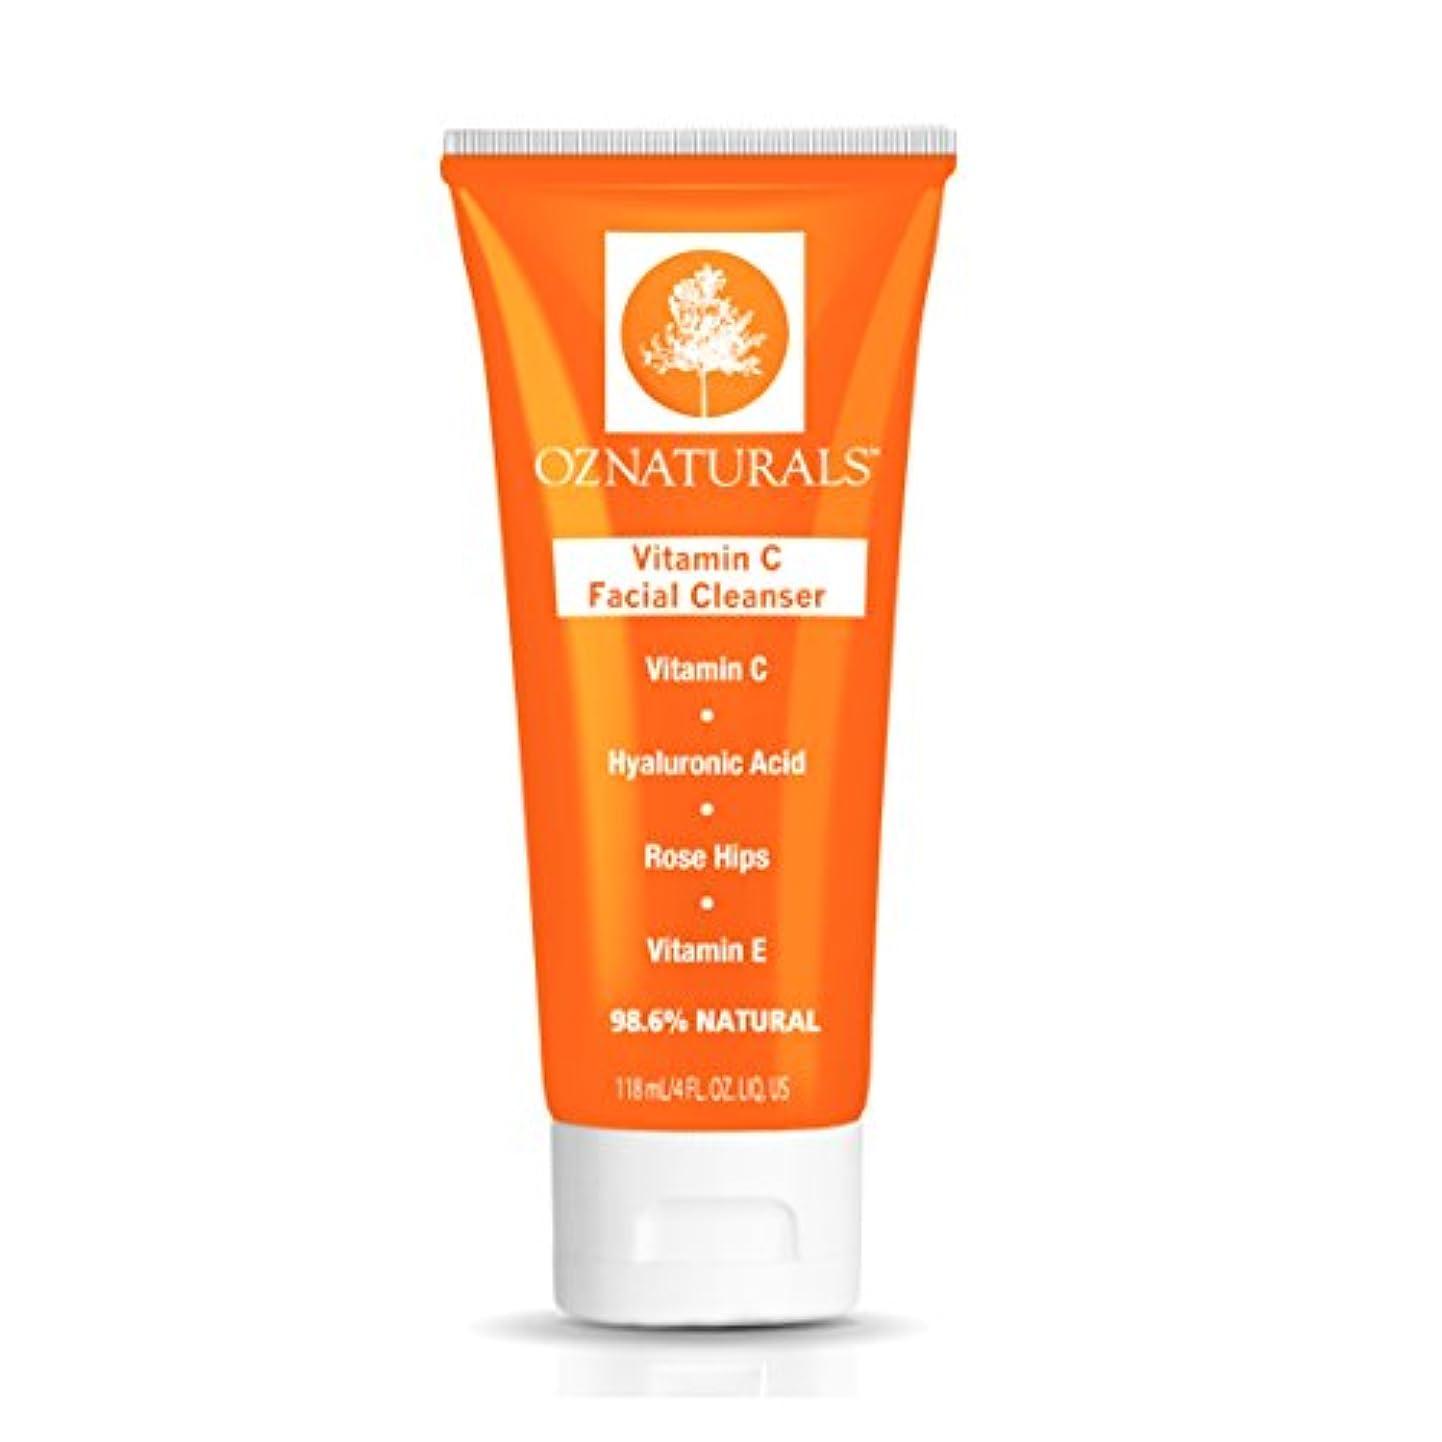 おそらく前奏曲と闘うVitamin C Facial Cleanser 98.6% Natural 118ml, 4fl.oz. ナチュラル ビタミンC 洗顔クリーム